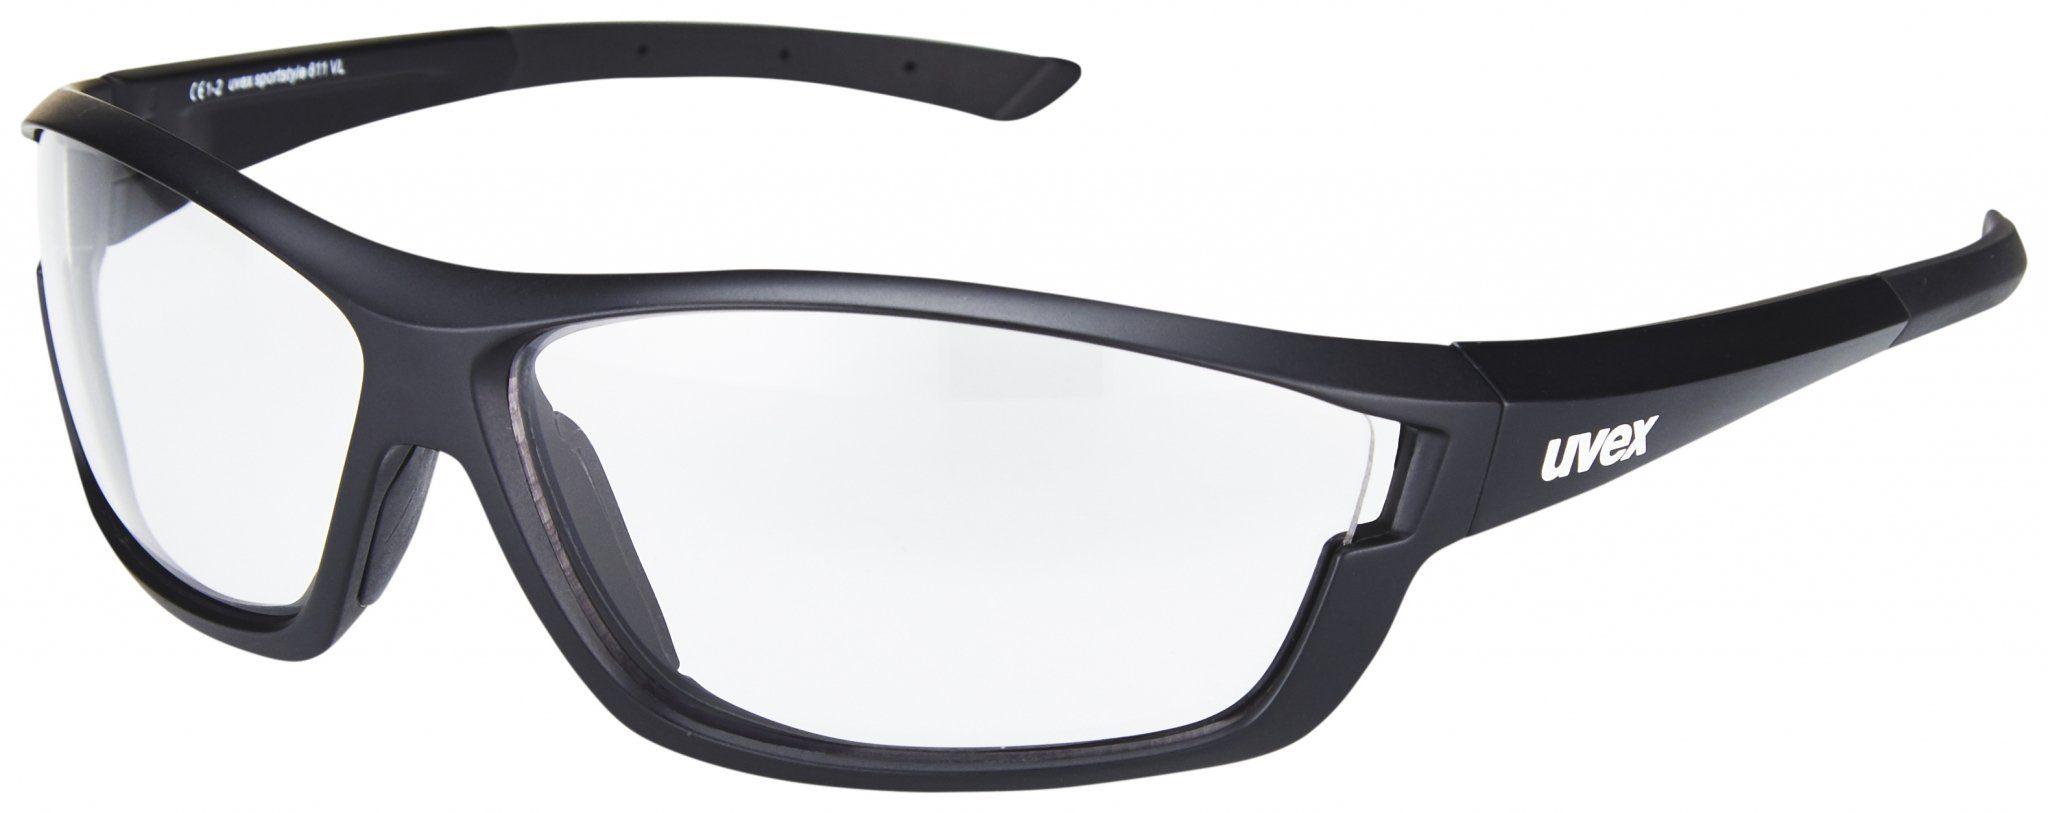 oakley sportbrille selbsttönend